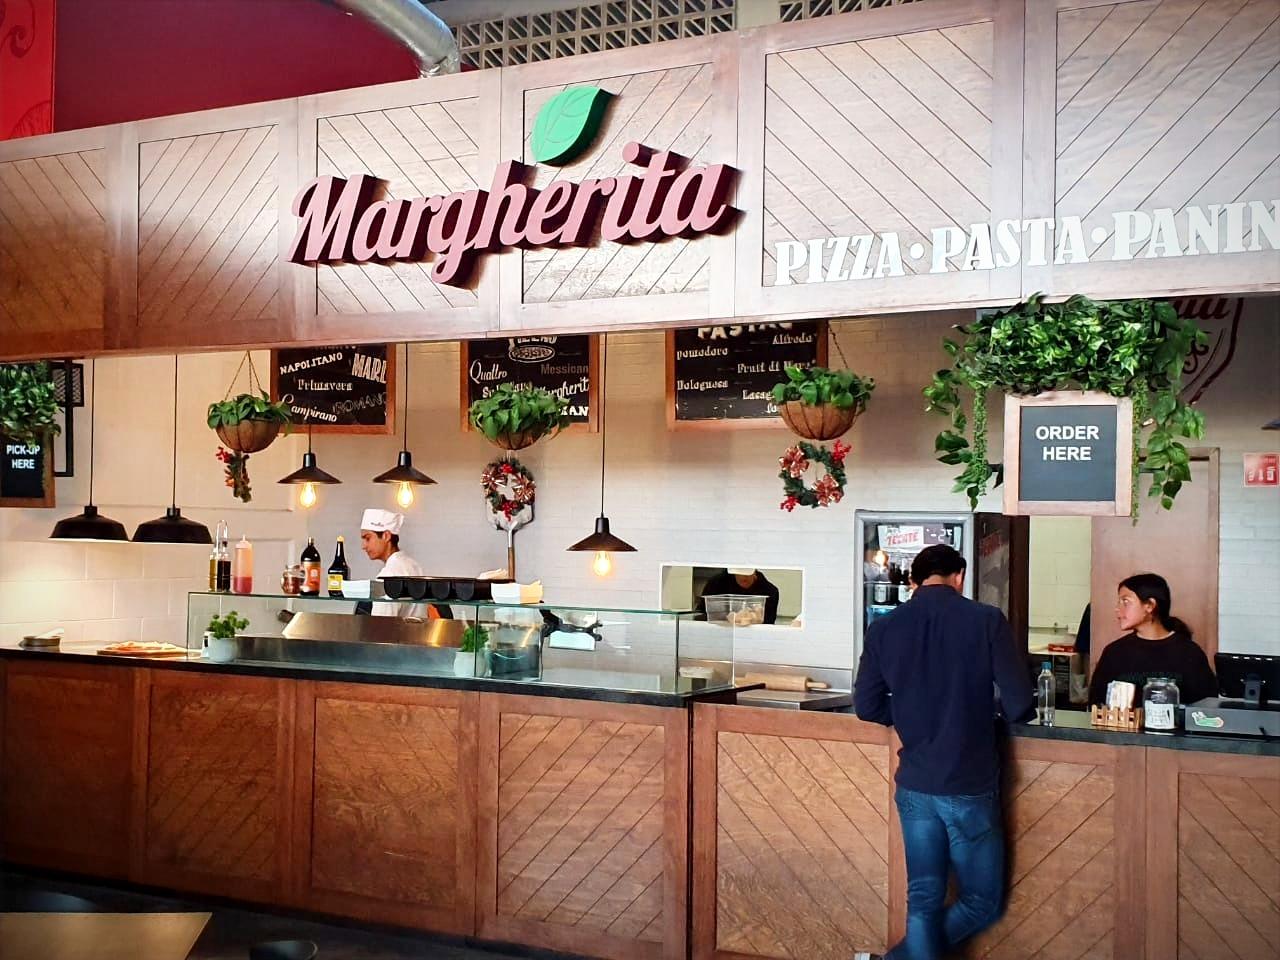 diseño de locales de comida rapida en Me